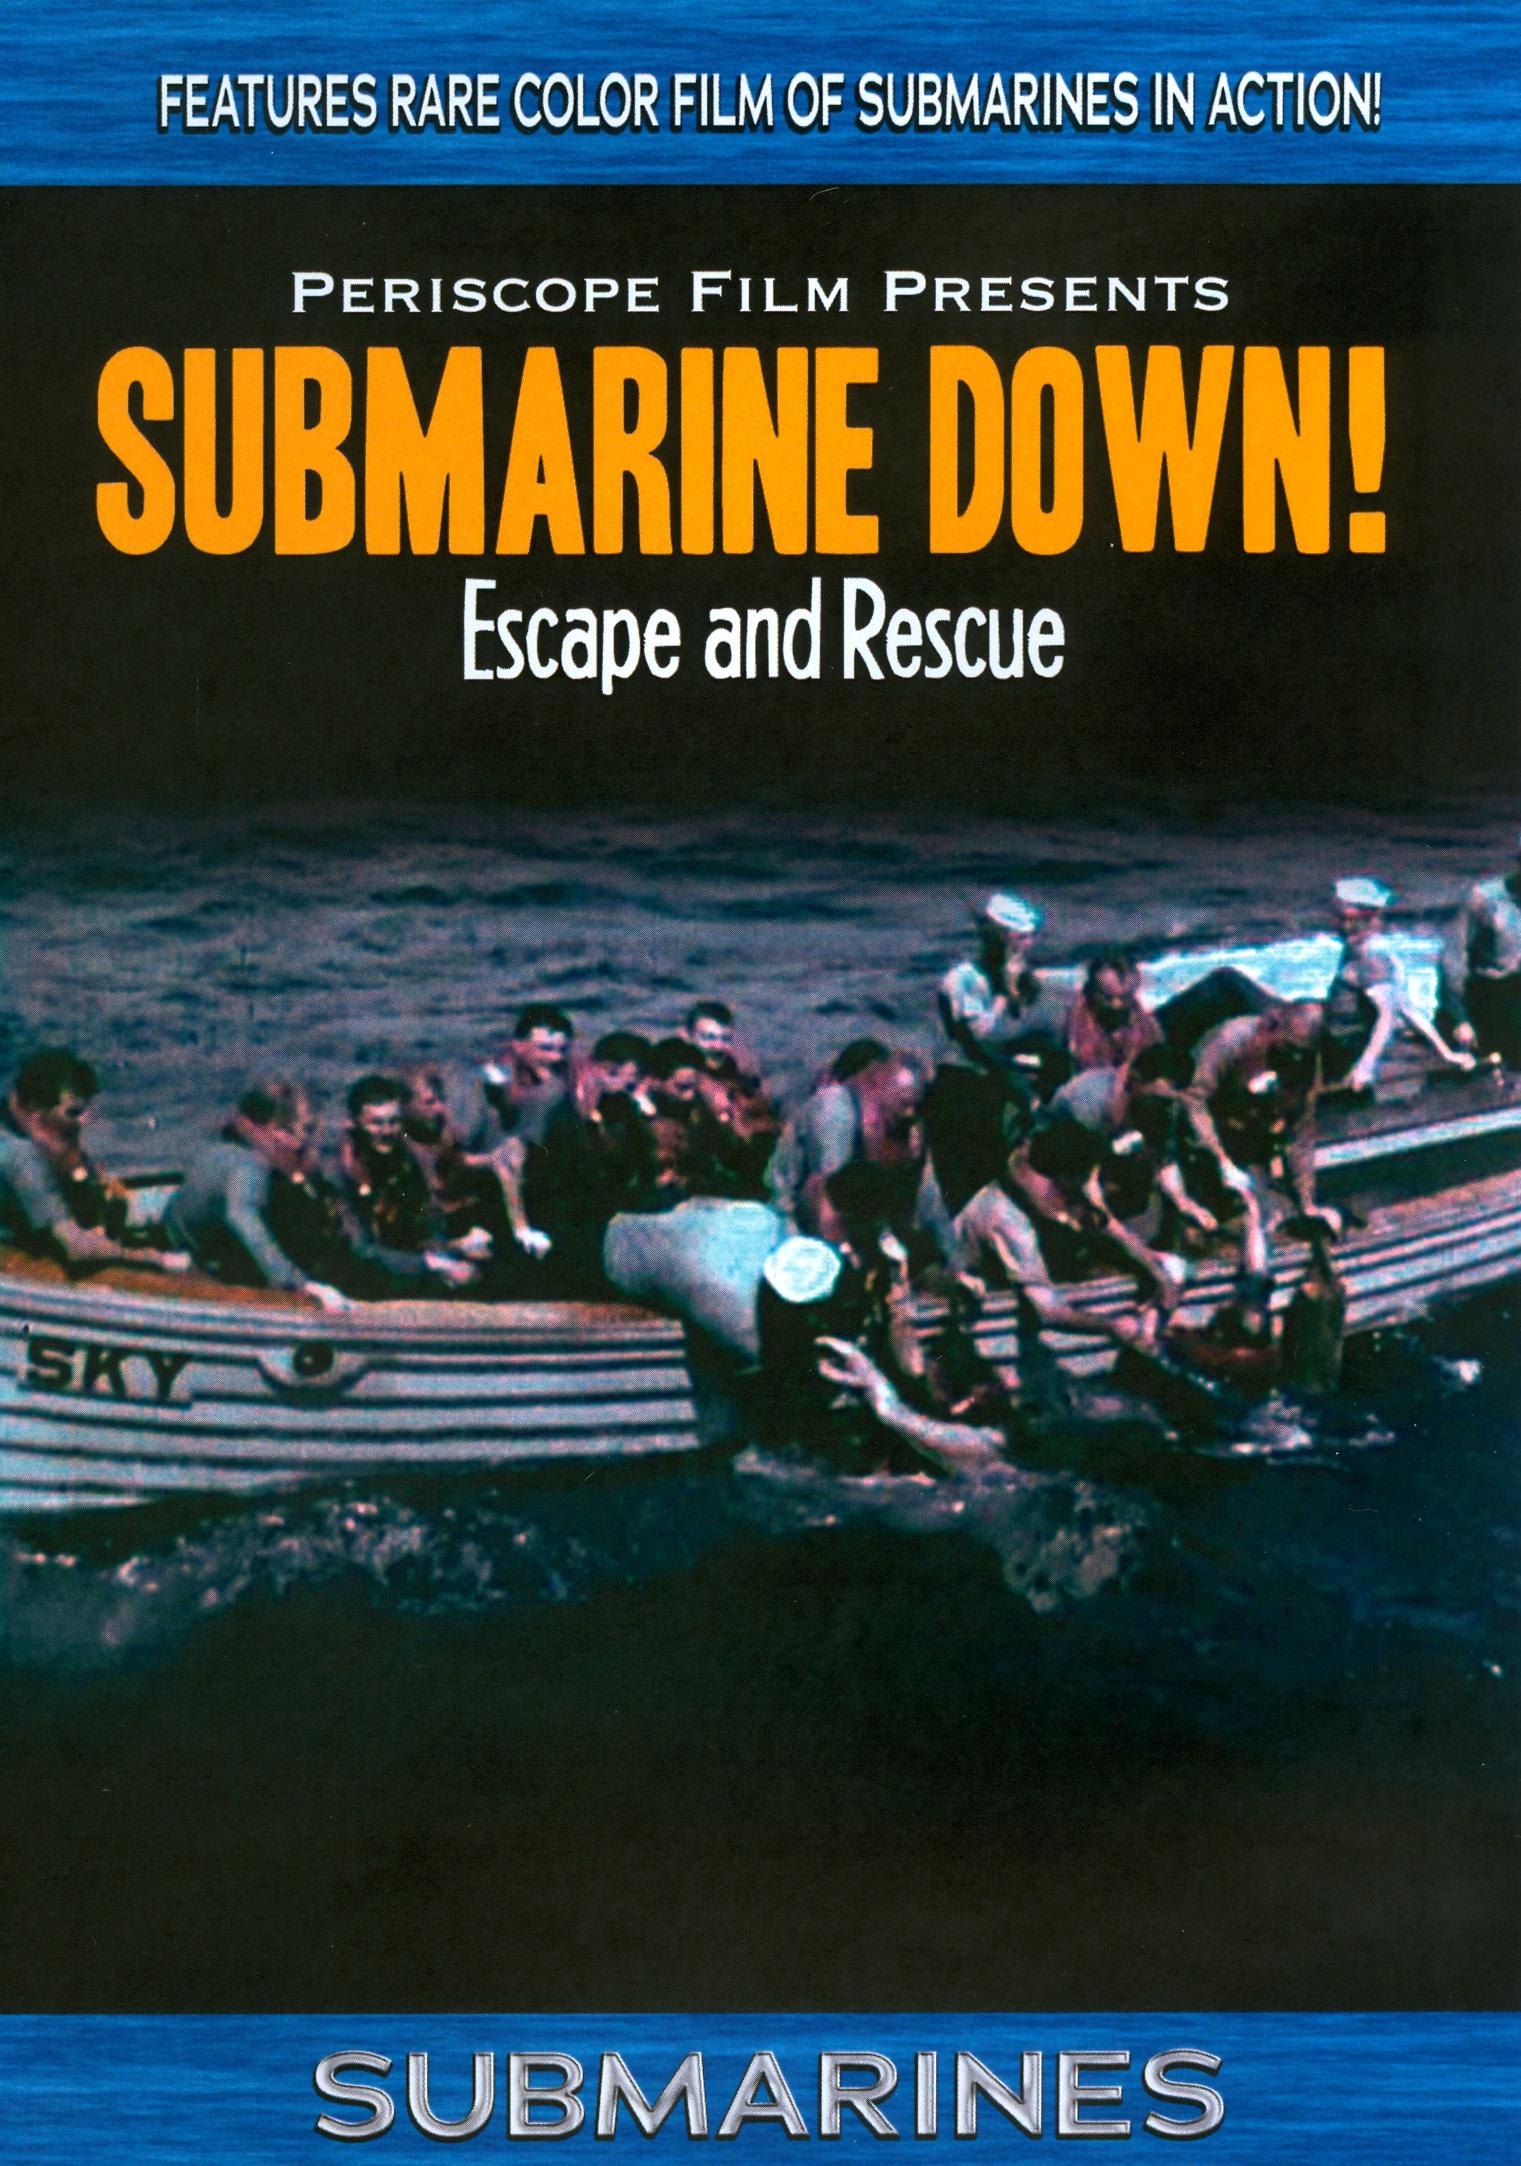 Submarine Down!: Escape and Rescue